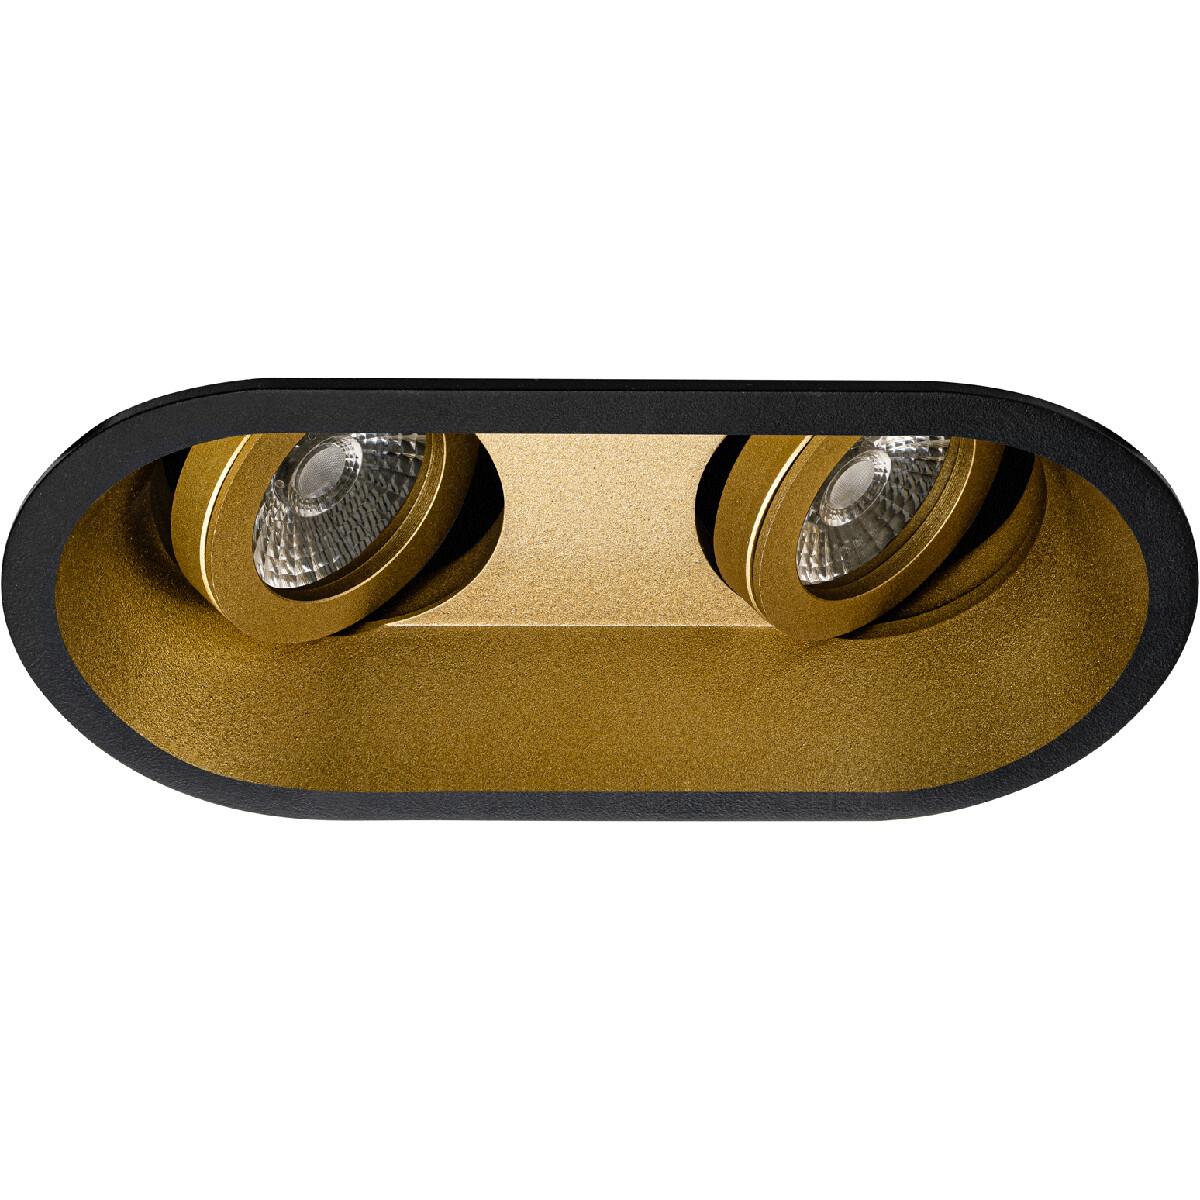 Spot Armatuur GU10 - Pragmi Zano Pro - Inbouw Ovaal Dubbel - Mat Zwart/Goud - Aluminium - Kantelbaar